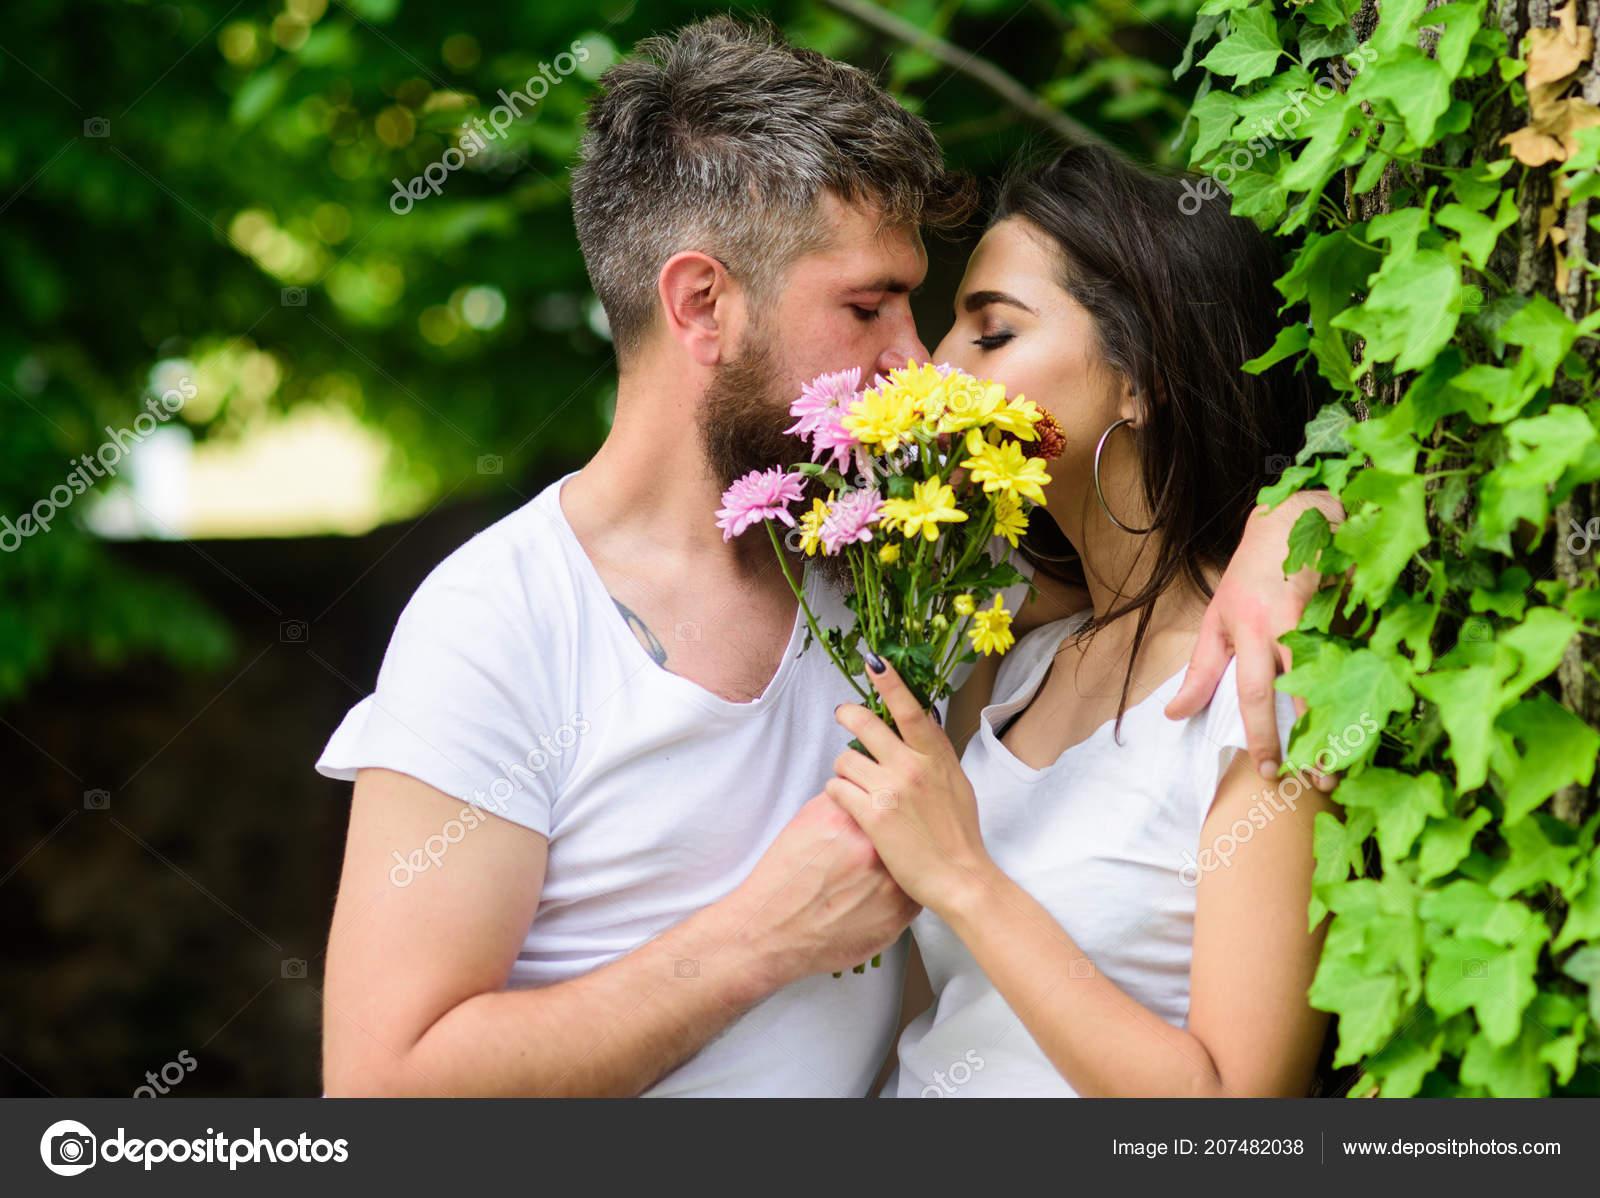 Zweiter Dating-Scan